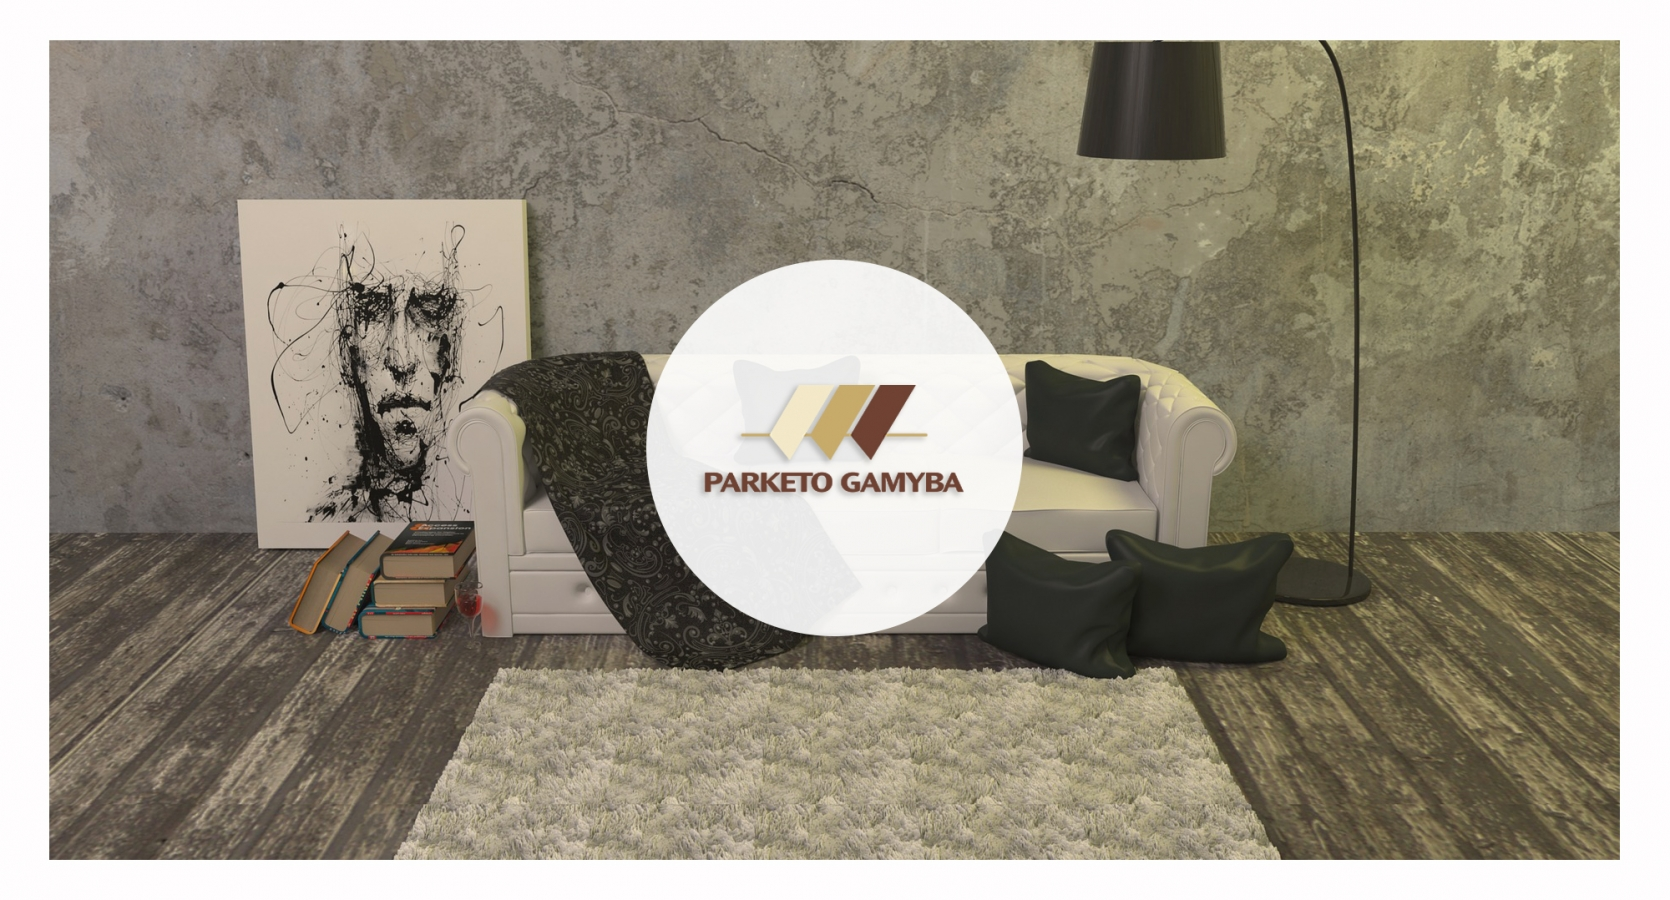 Logotipo, prekinio ženklo, firminio stiliaus sukūrimas: Vilniuje, Kaune, Šiauliuose, Klaipėdoje, Panevėžyje. Logotipo kūrimas - PIXELART.LT